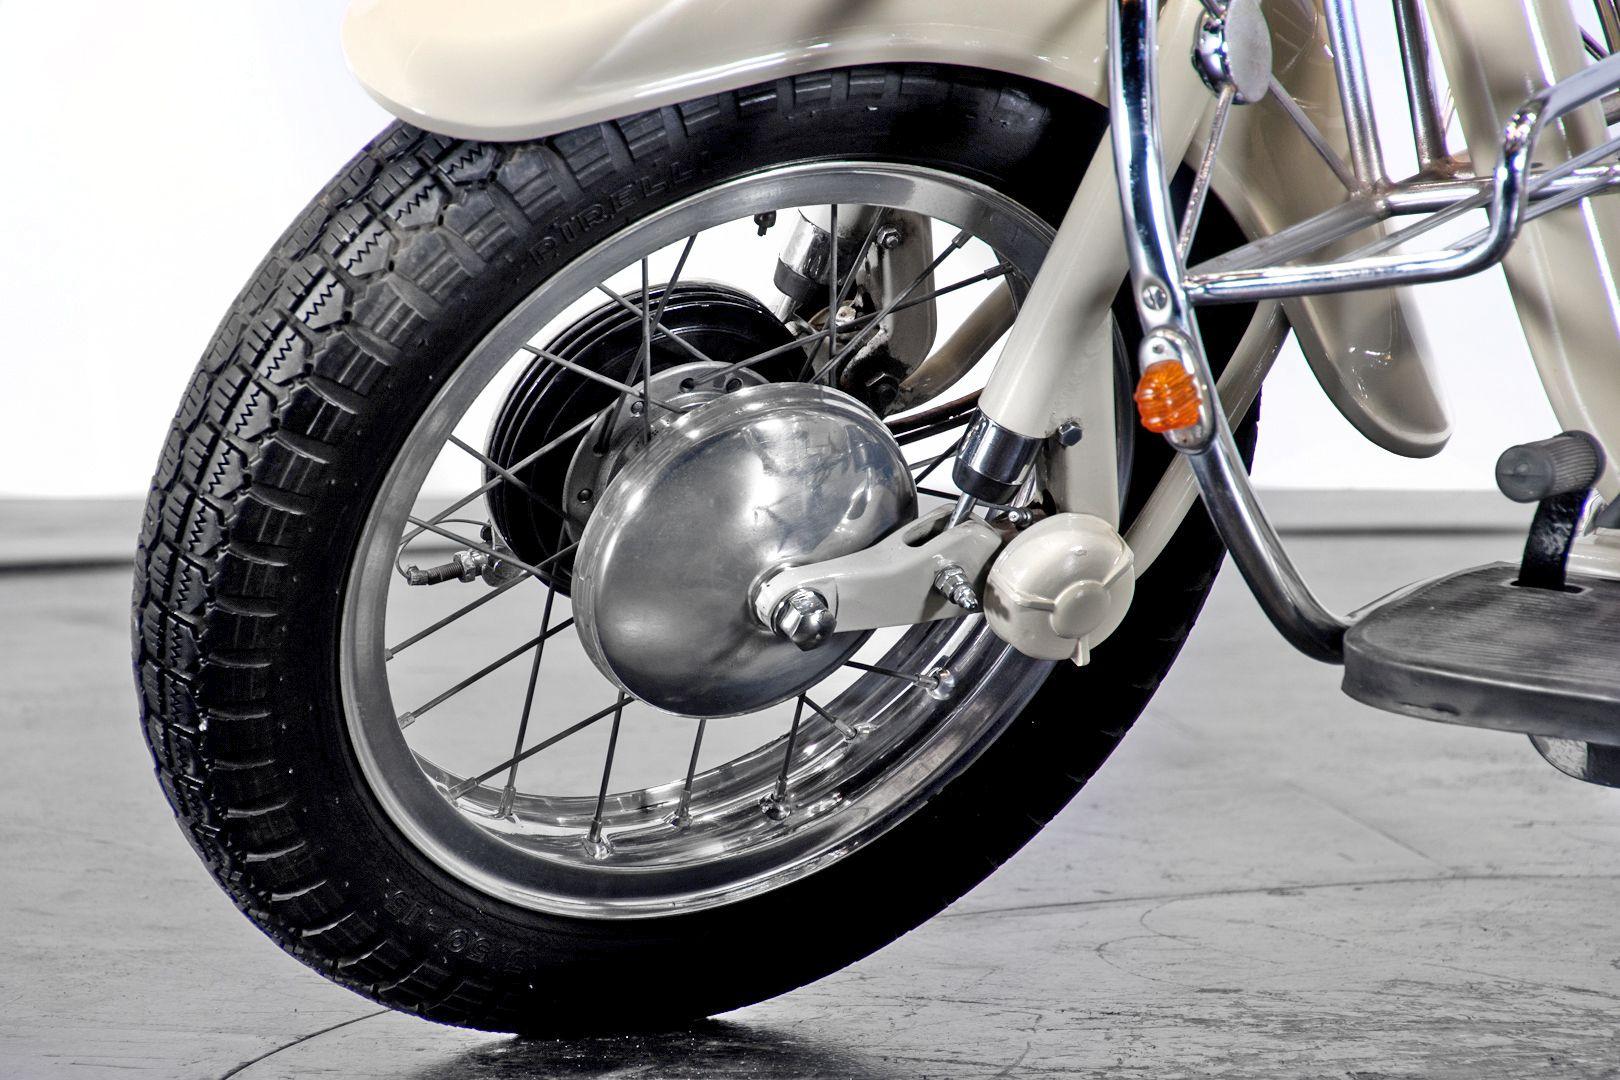 1954 Motom Delfino 160 37792